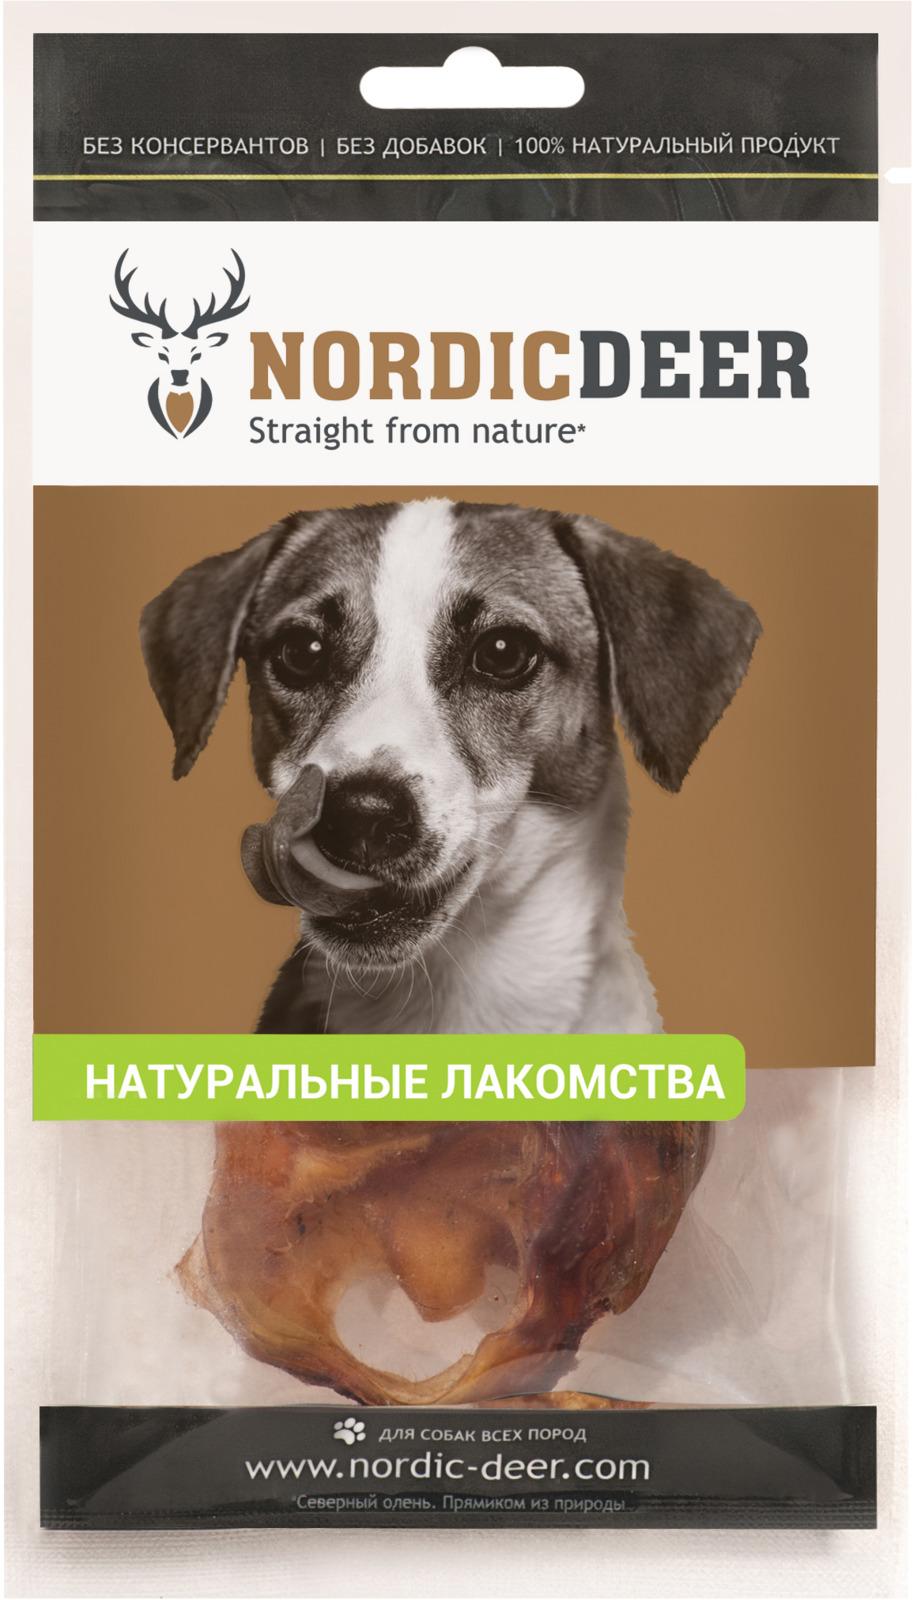 Лакомство для собак Nordic Deer Ухо говяжье внутреннее, 2 шт nordic modern living room bedroom background simple english deer head decorative